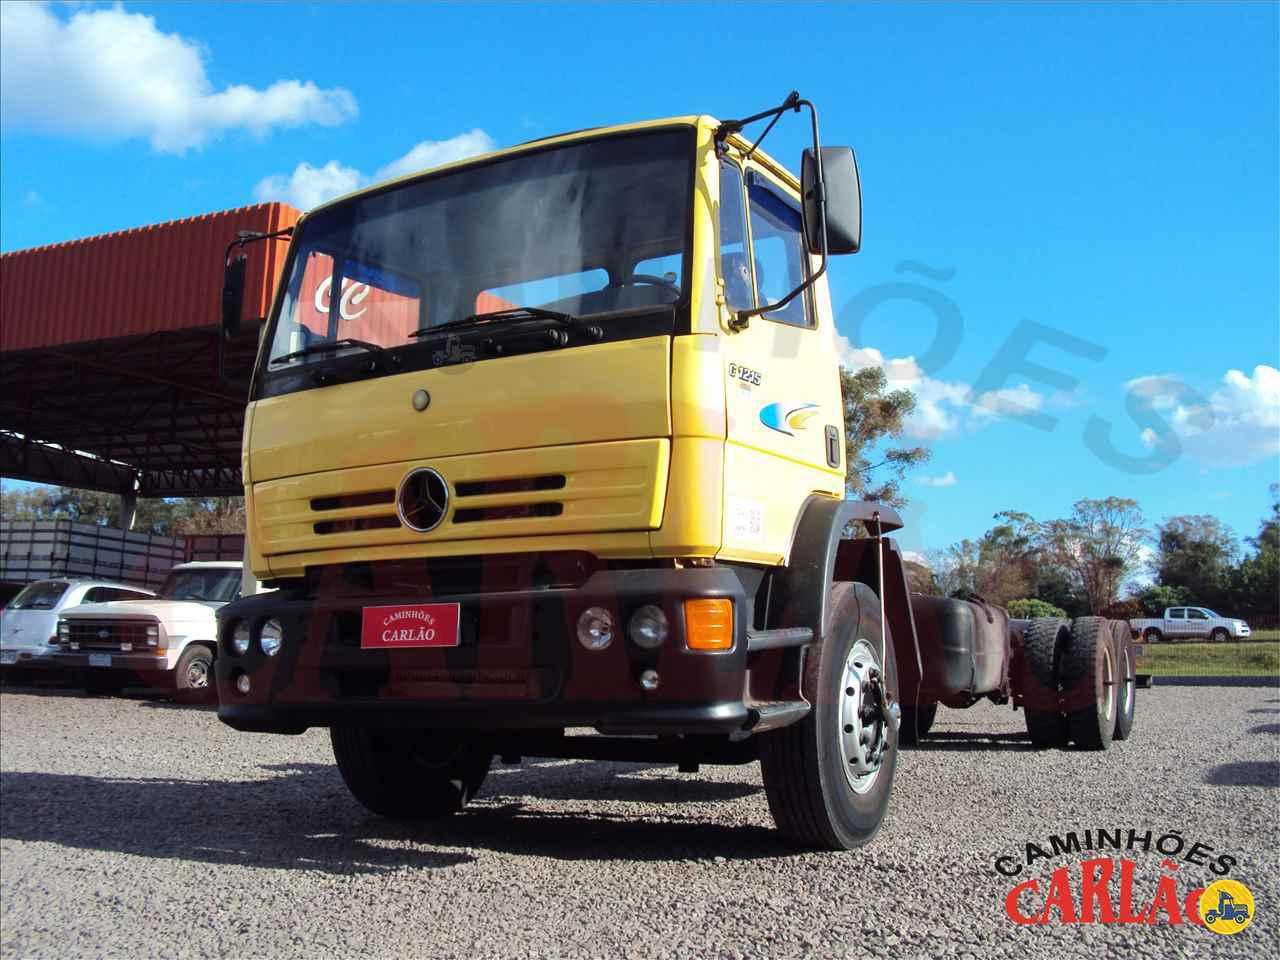 CAMINHAO MERCEDES-BENZ MB 1215 Chassis Truck 6x2 Carlão Caminhões CARAZINHO RIO GRANDE DO SUL RS